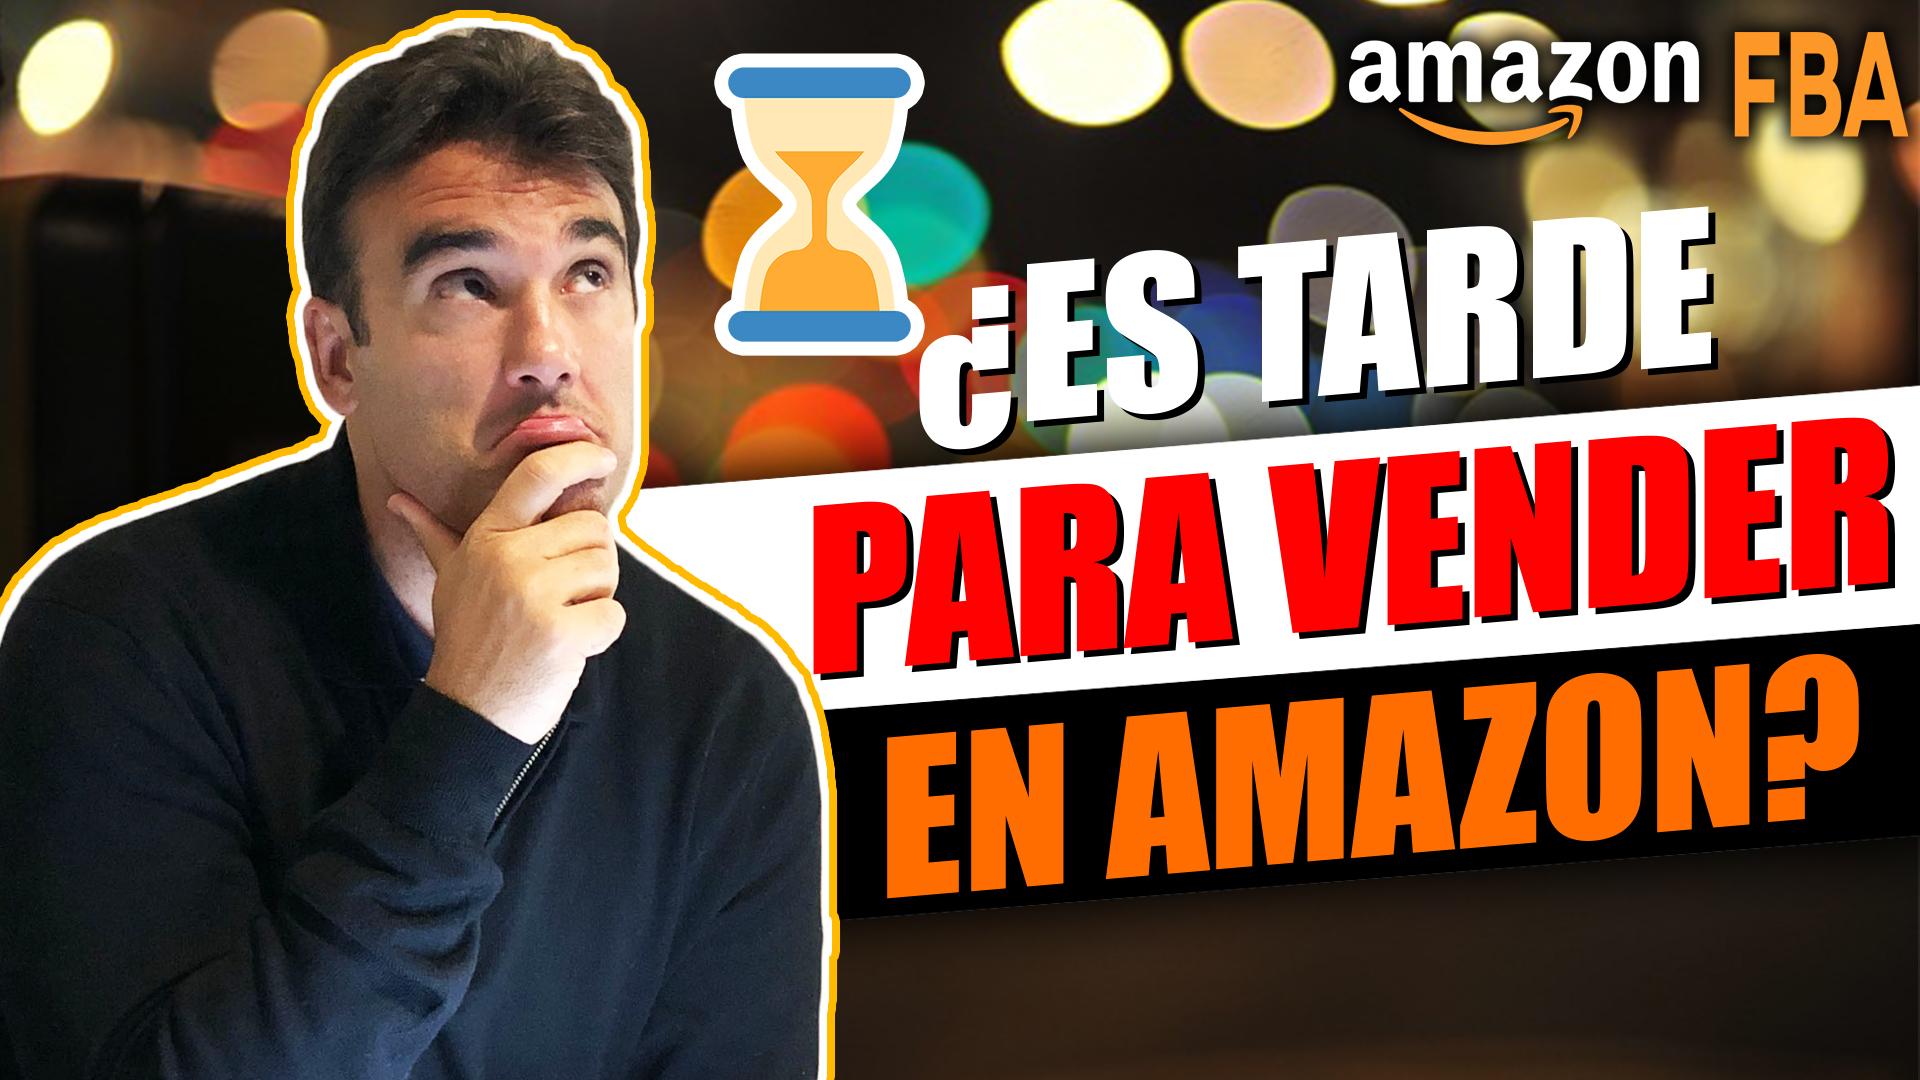 Es tarde para vender en Amazon?